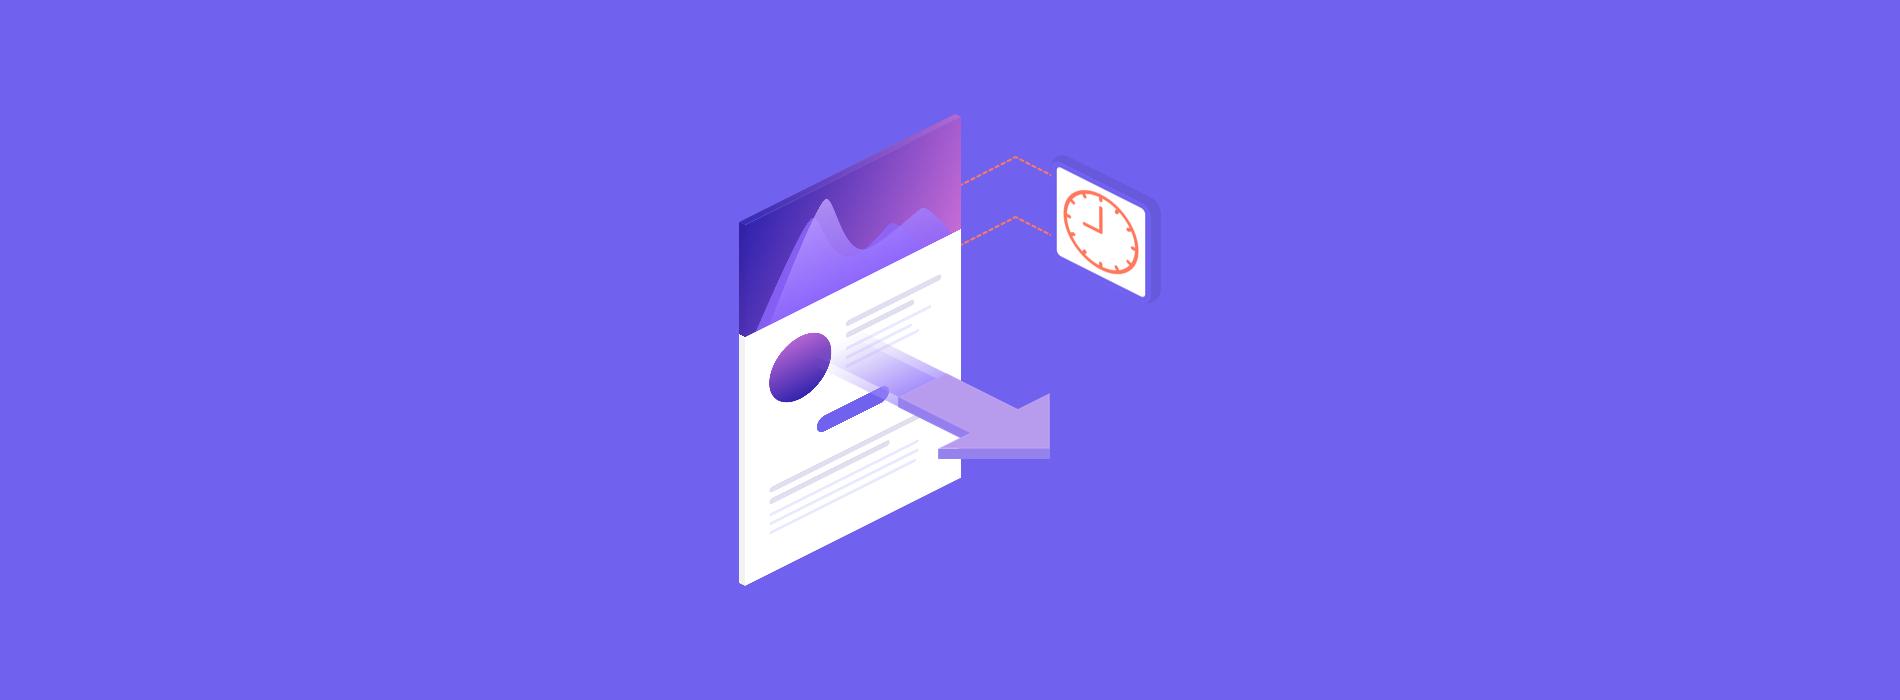 Email d'abandon de panier : quand les envoyer ?